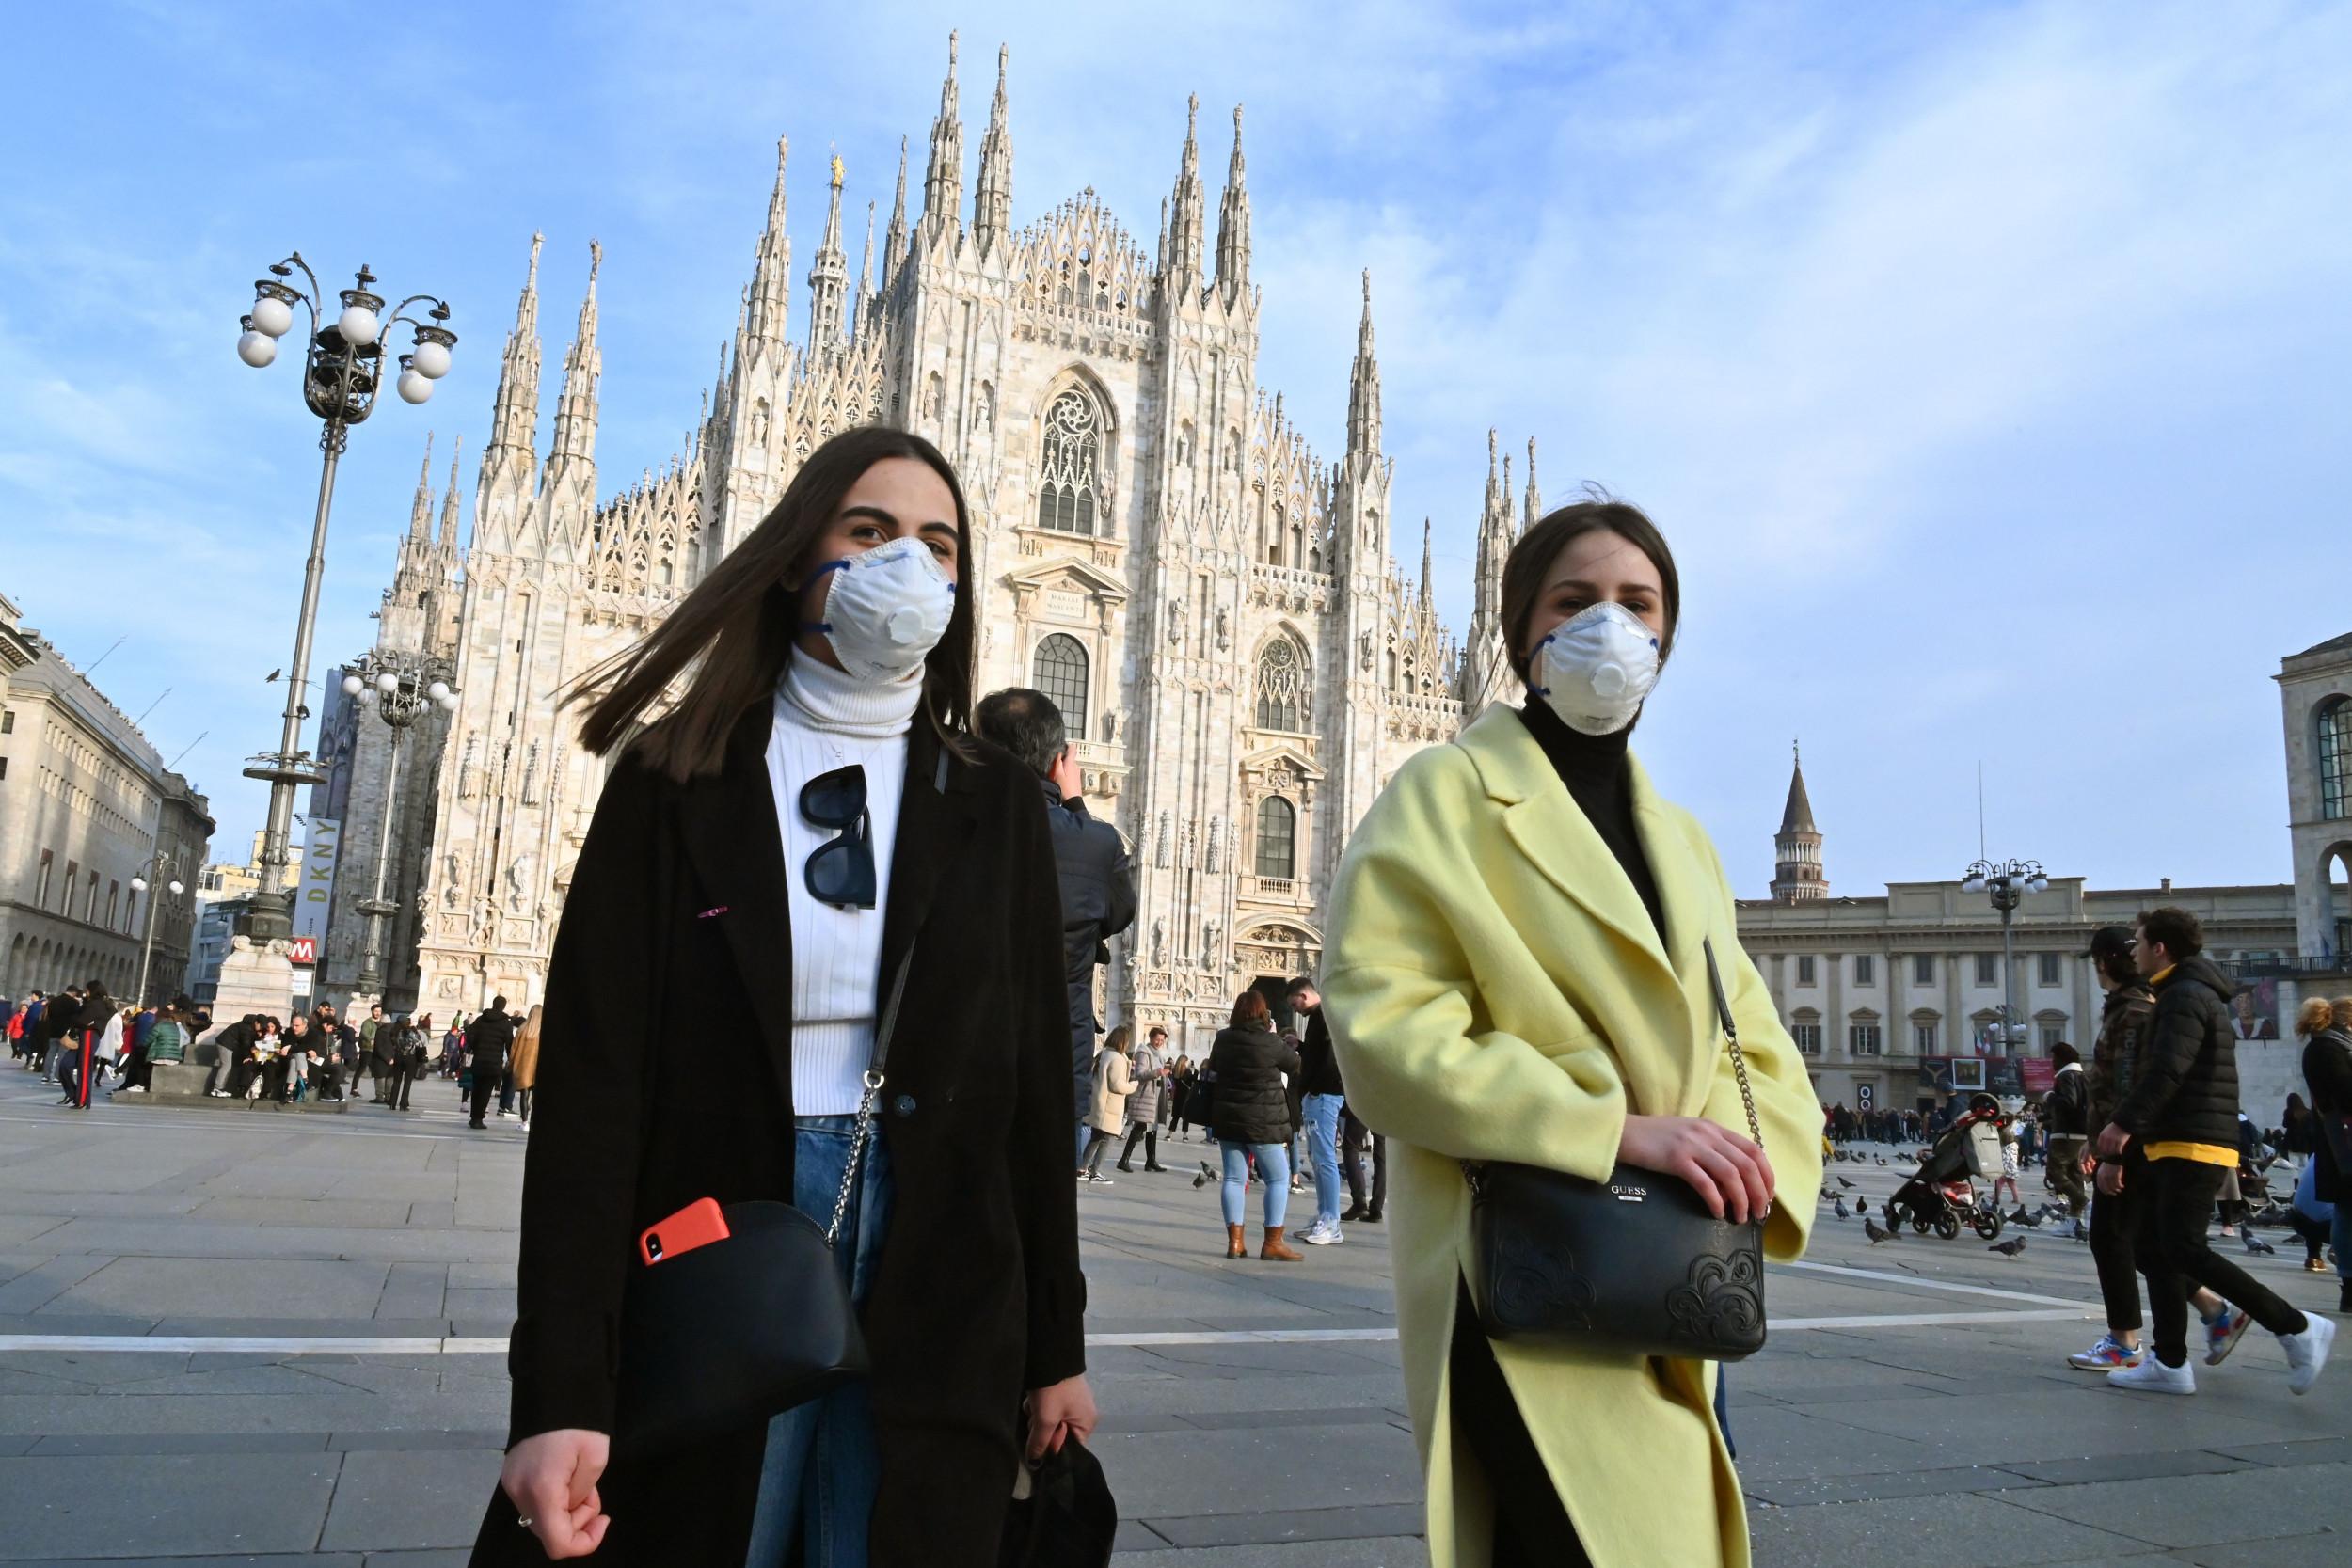 النمسا تسجل 73 إصابة جديدة بفيروس كورونا خلال 24 ساعة